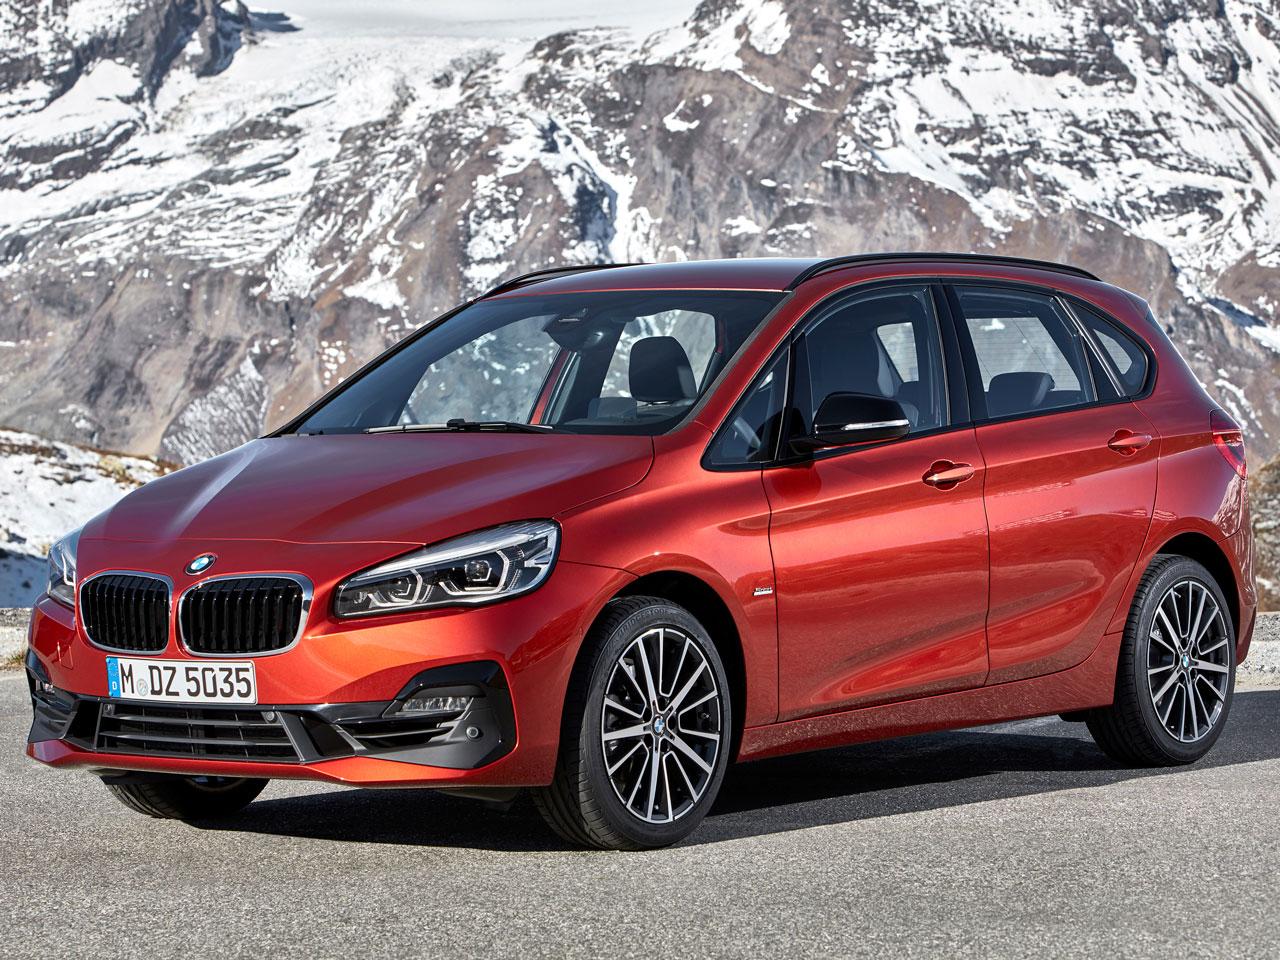 BMW 2シリーズ アクティブツアラー 2014年モデル 新車画像